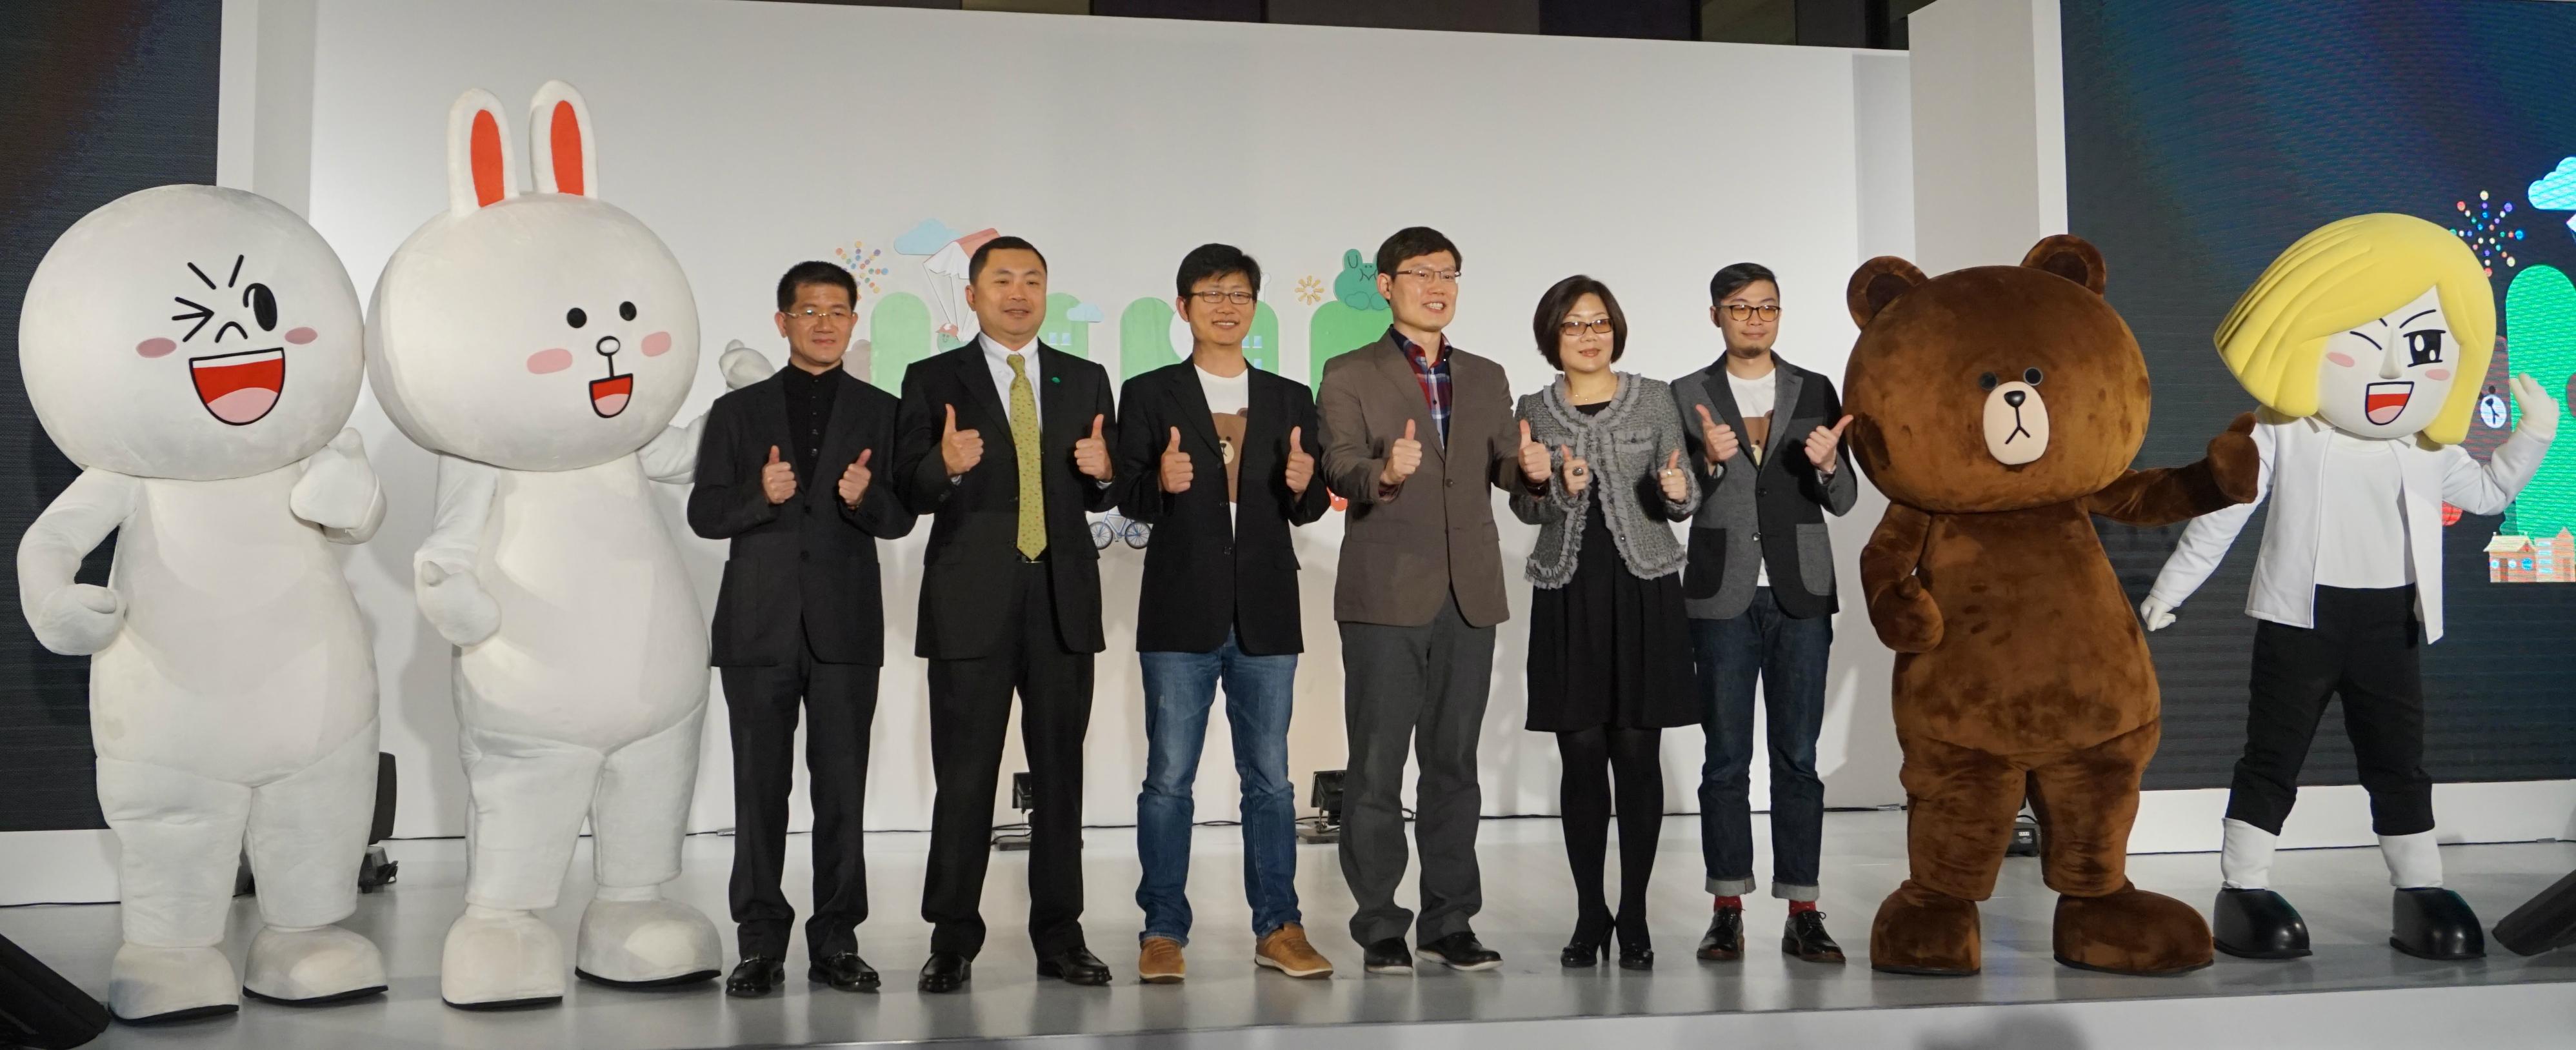 LINE 繫著的不只是通訊,台灣今年要推出的 8 大 LINE 應用